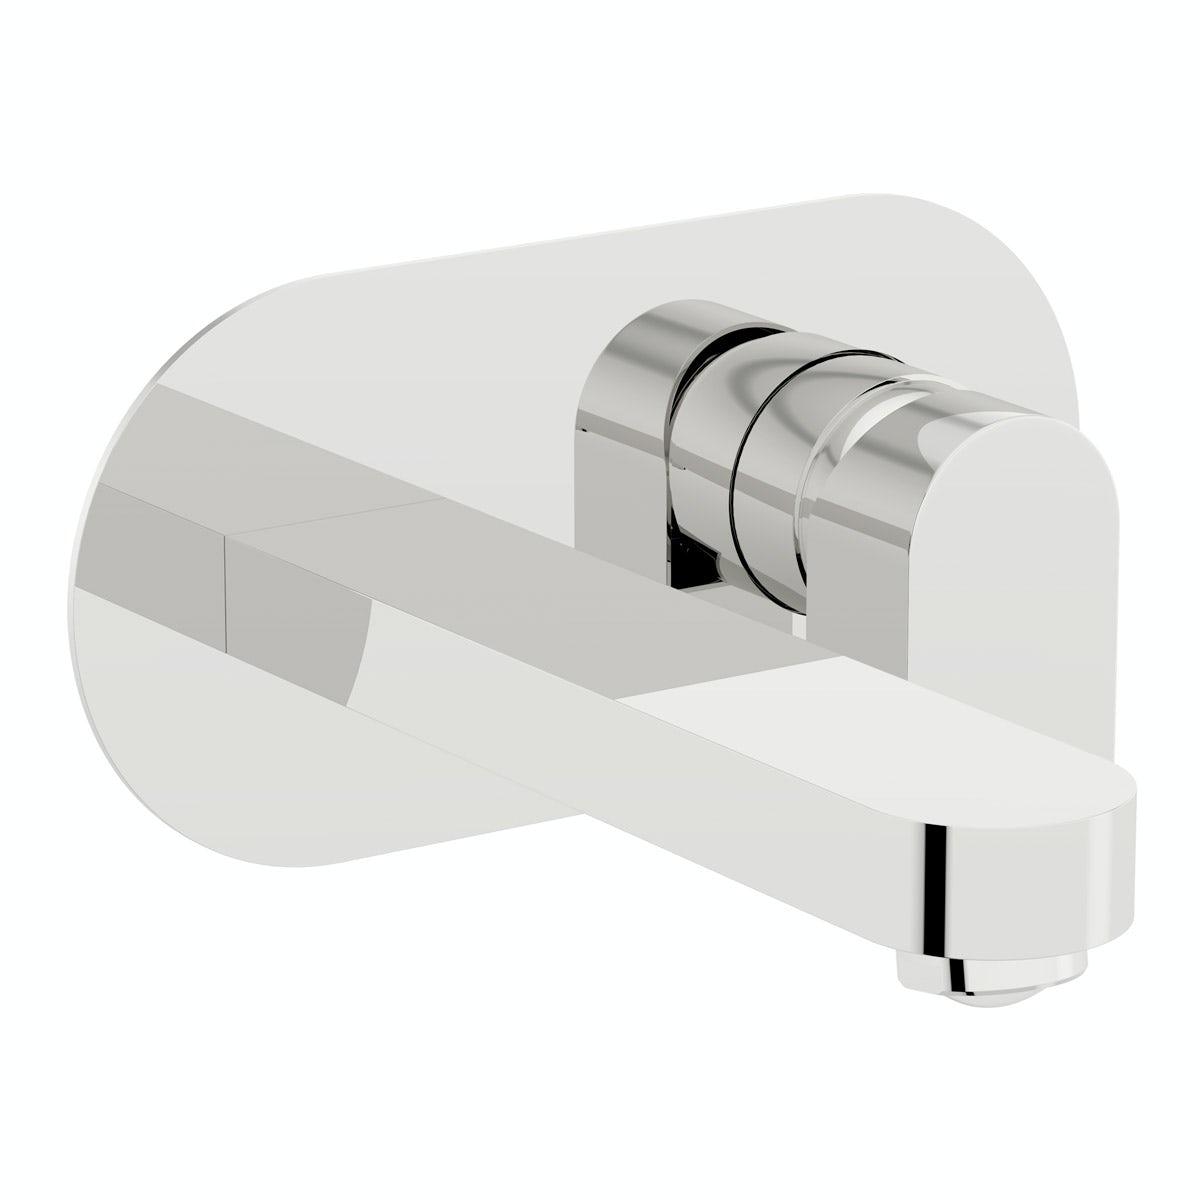 Mode Erith wall mounted bath mixer tap